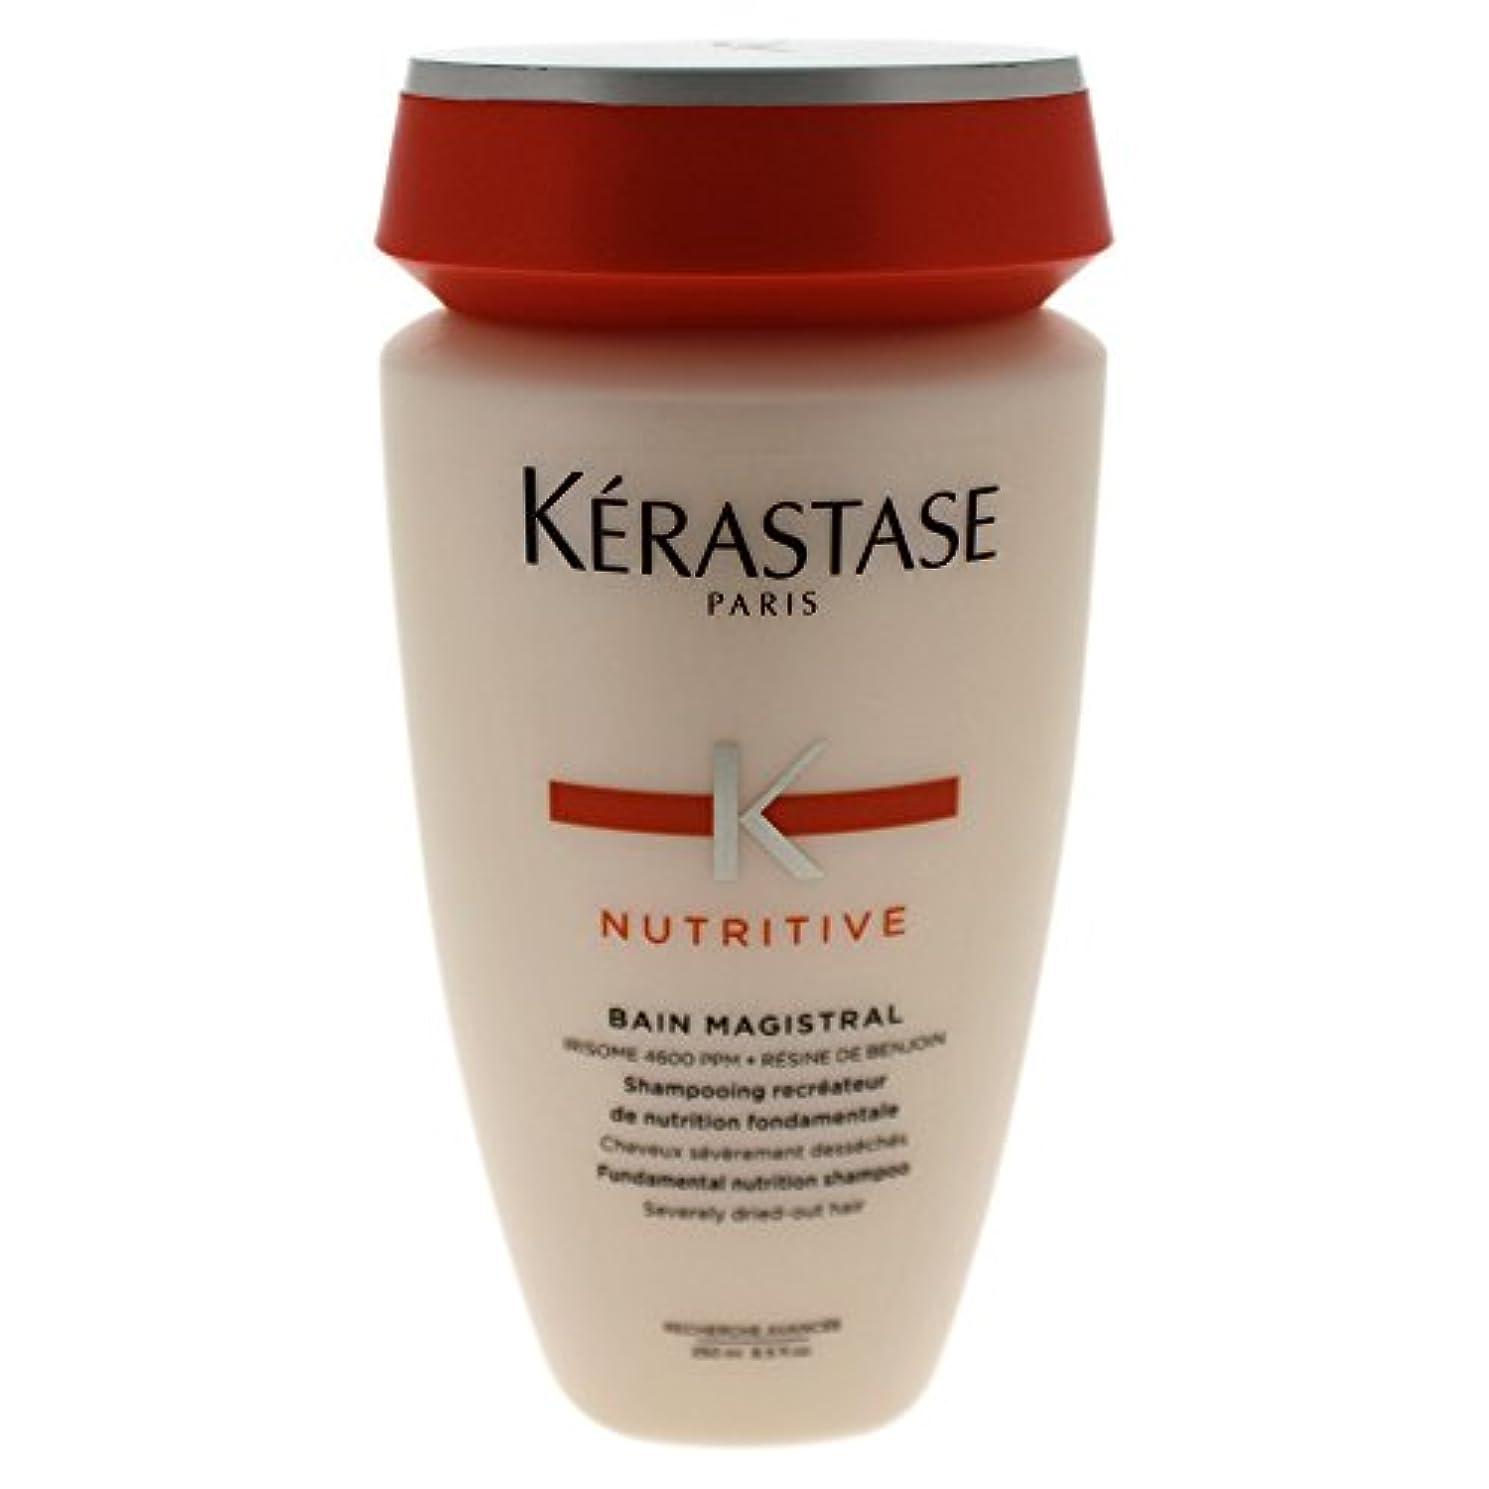 手配するアスペクト子羊ケラスターゼ(KERASTASE) ニュートリティブ NU バン マジストラル 250ml [並行輸入品]